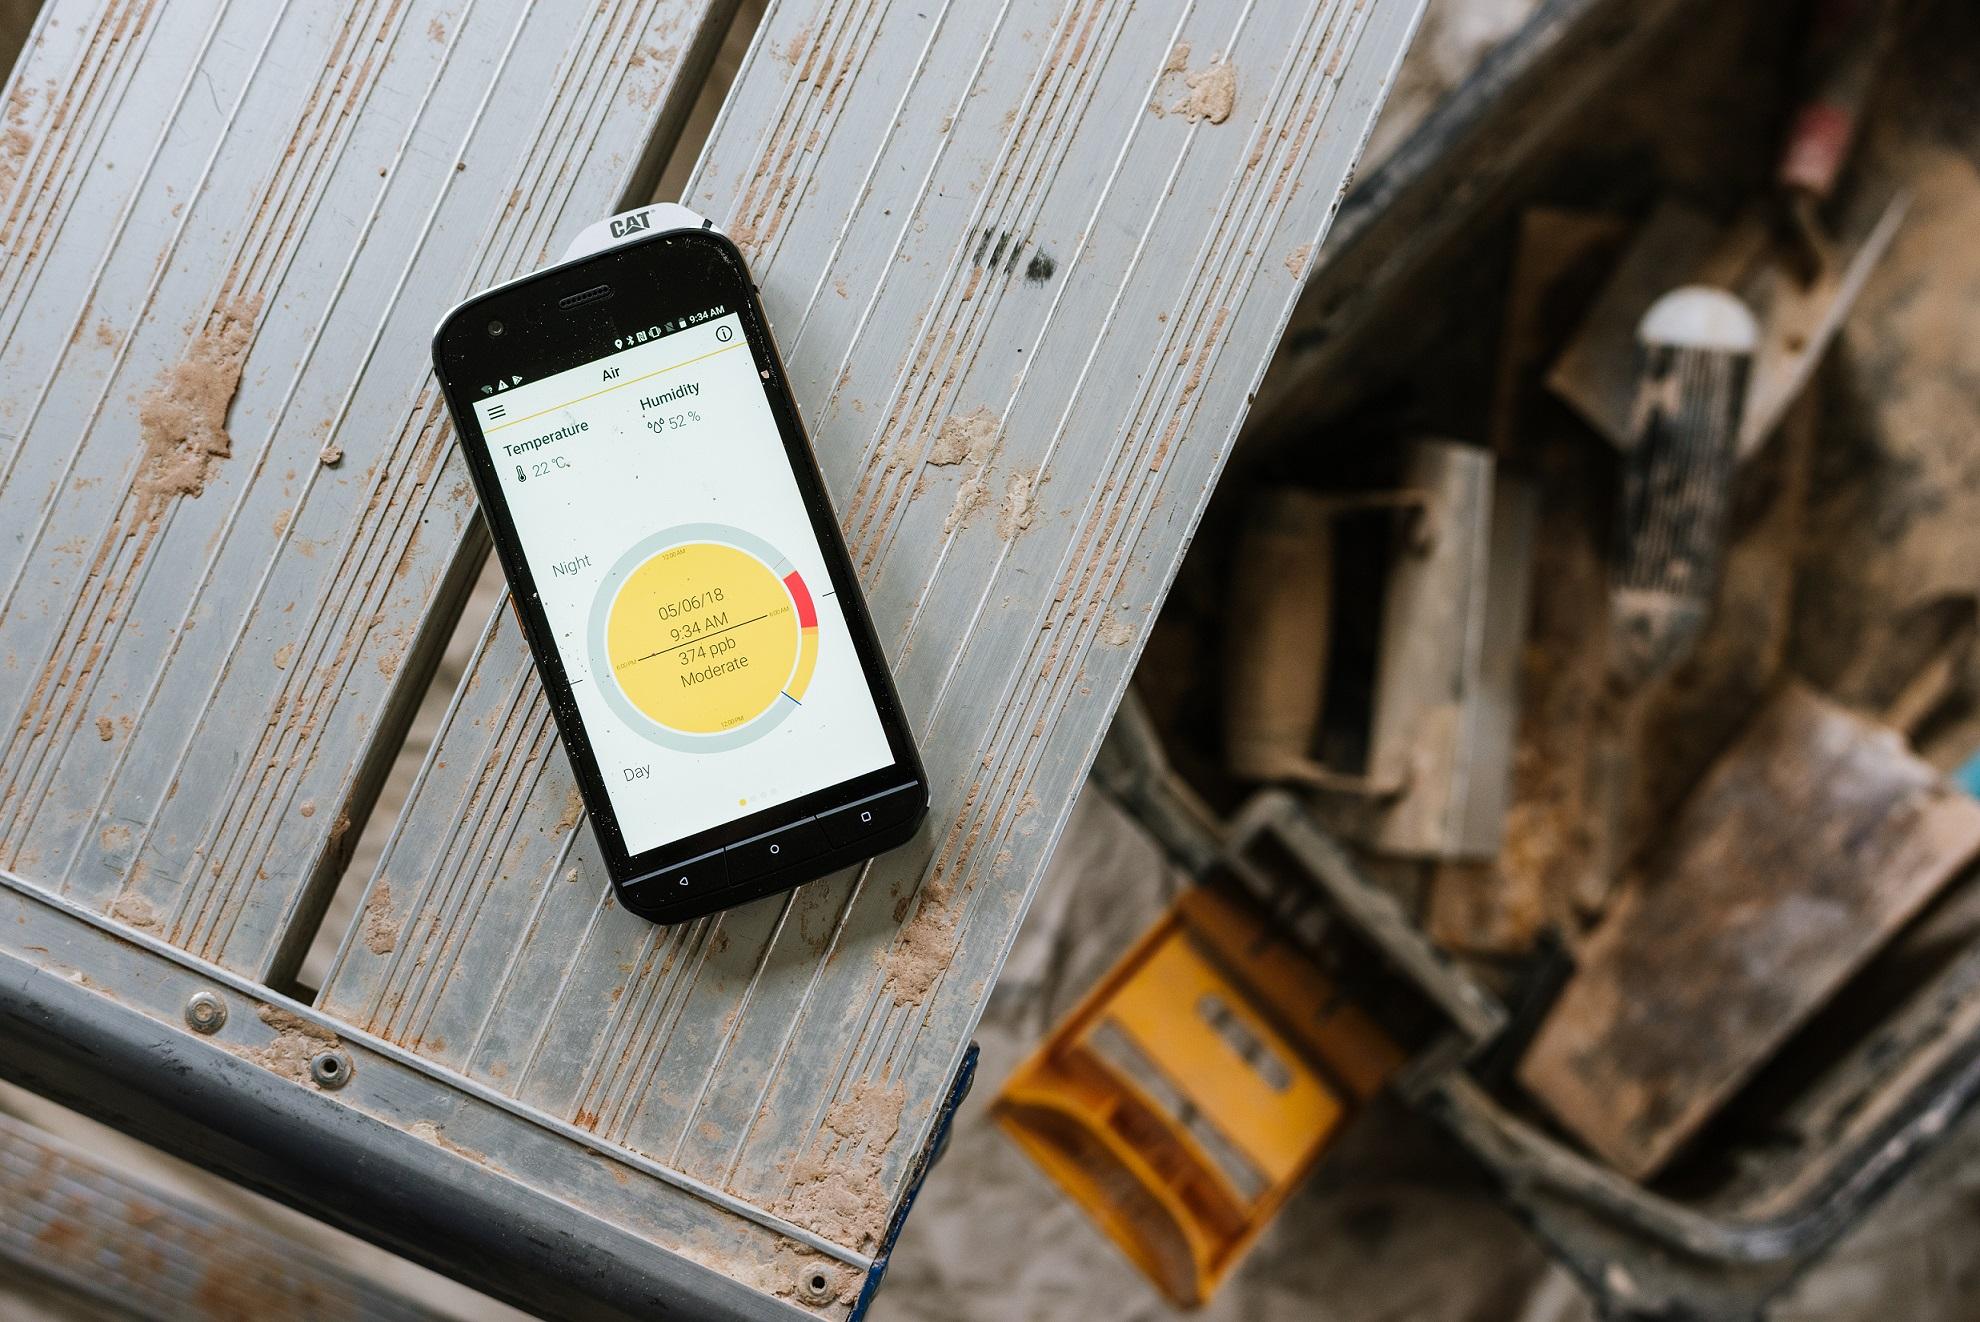 Monitor de calidad de aire en el Cat S61 | Cat phones